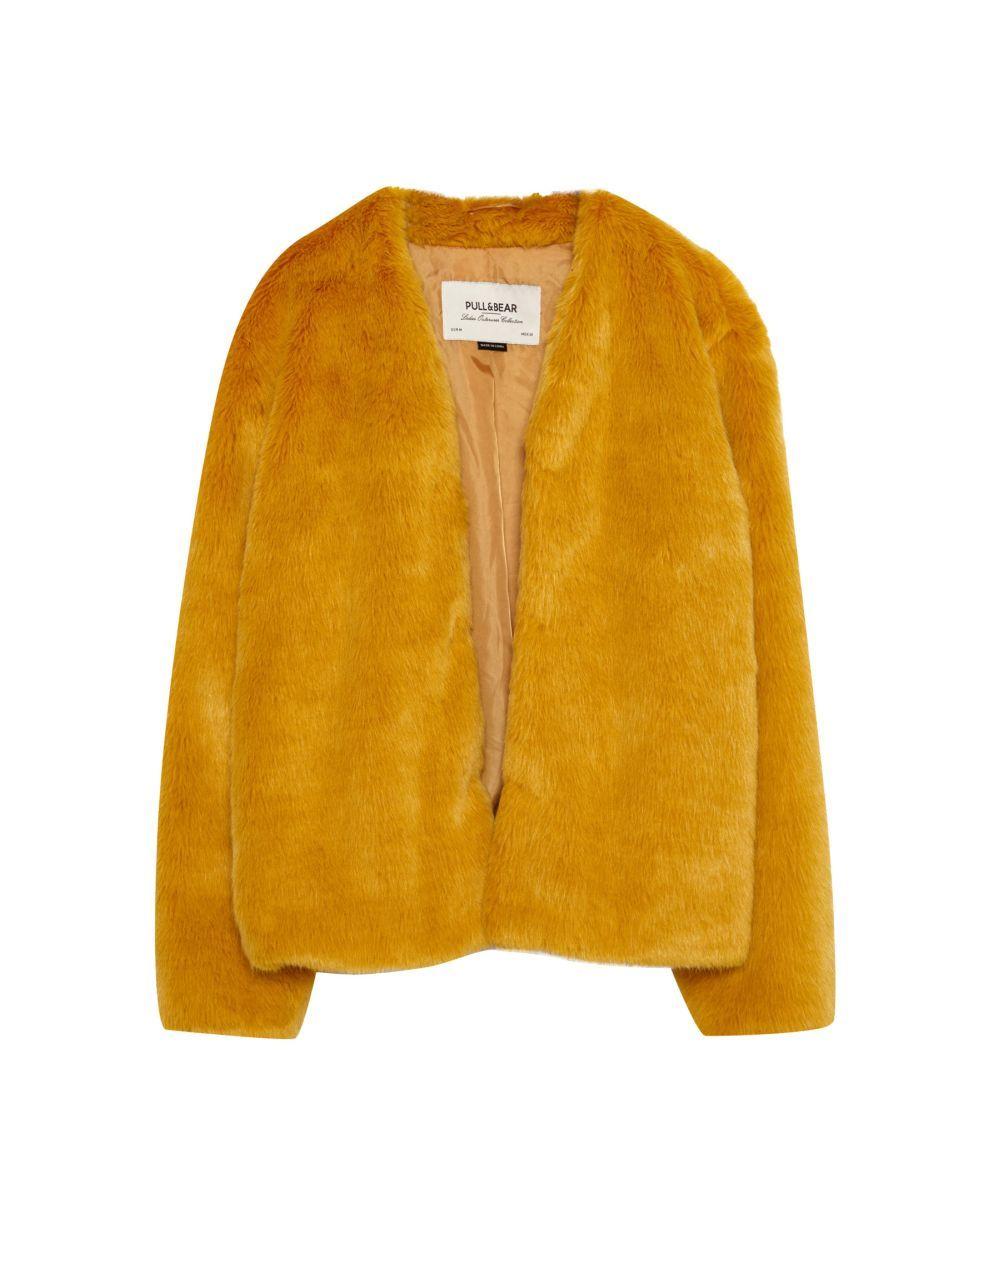 Chaqueta amarilla de Pull&Bear (35,99 euros)